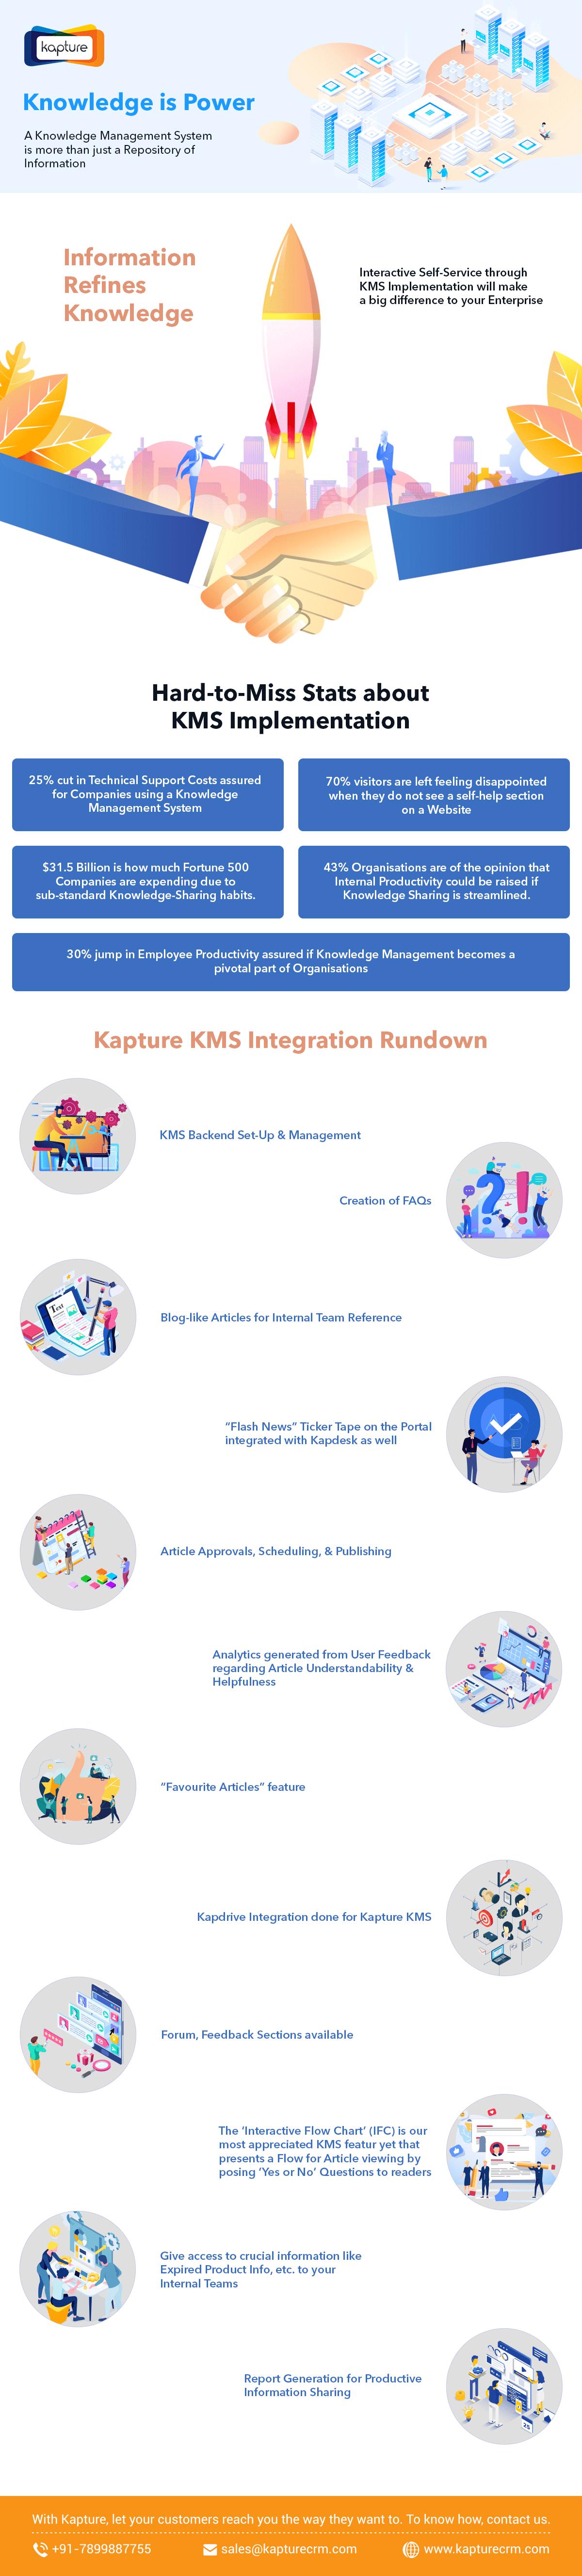 infograpic-2018-kapture-image-min